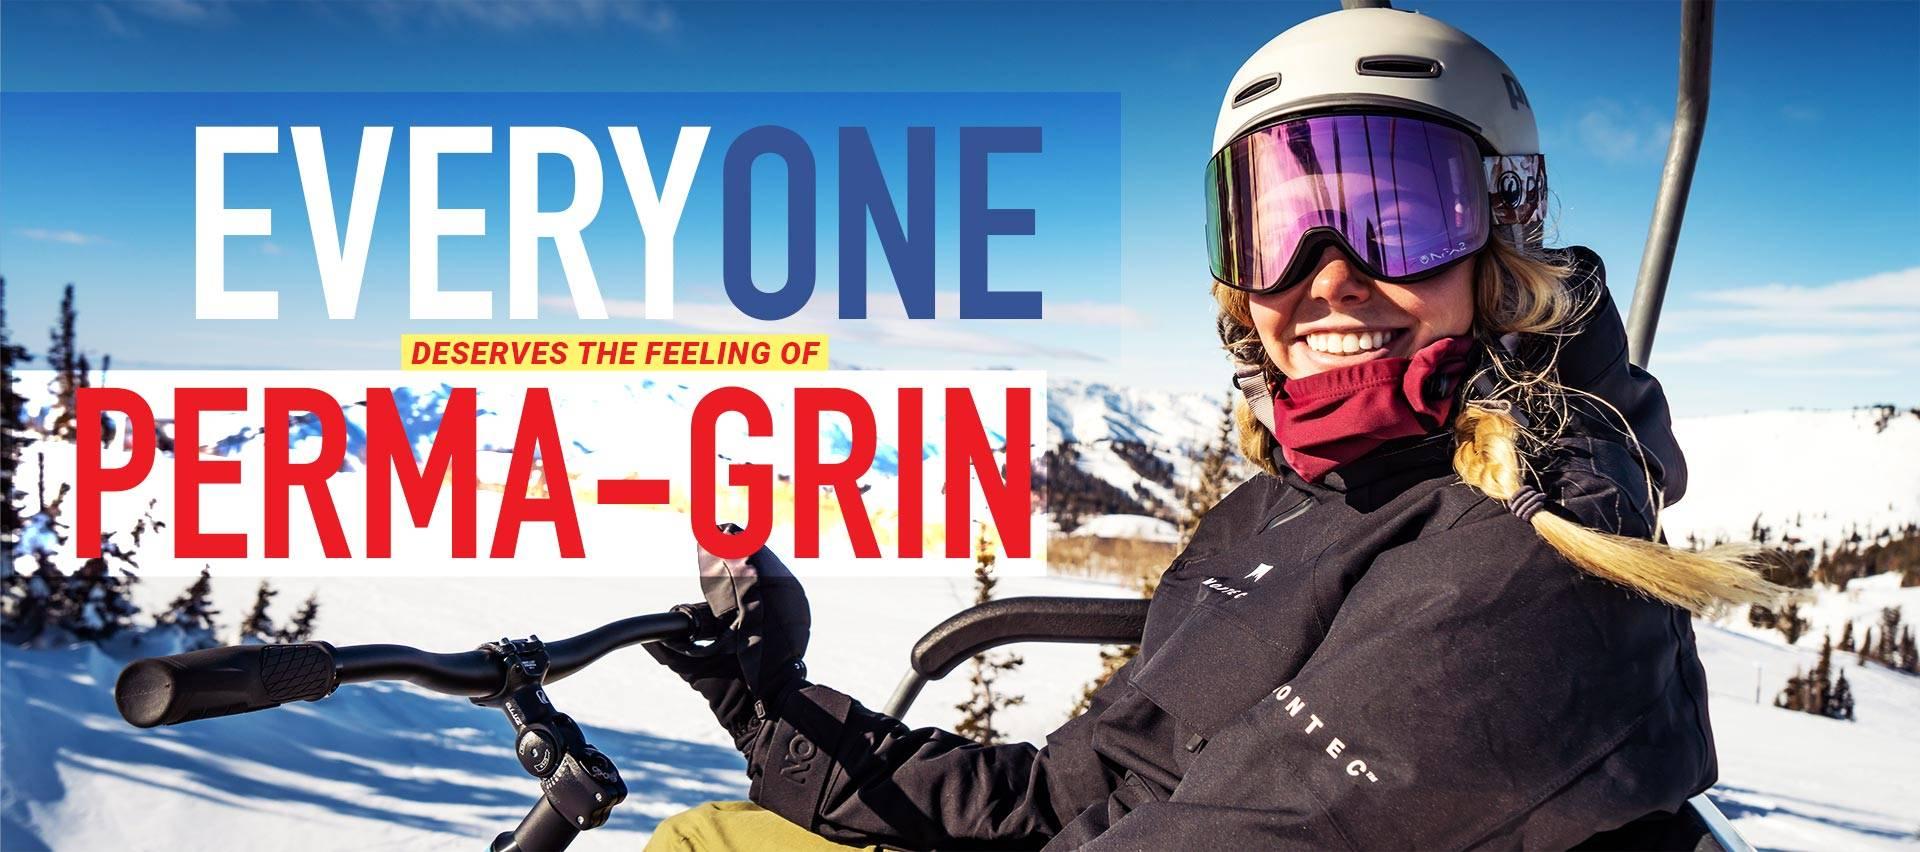 SNO-GO Everyone deserves to feel Perma-Grin